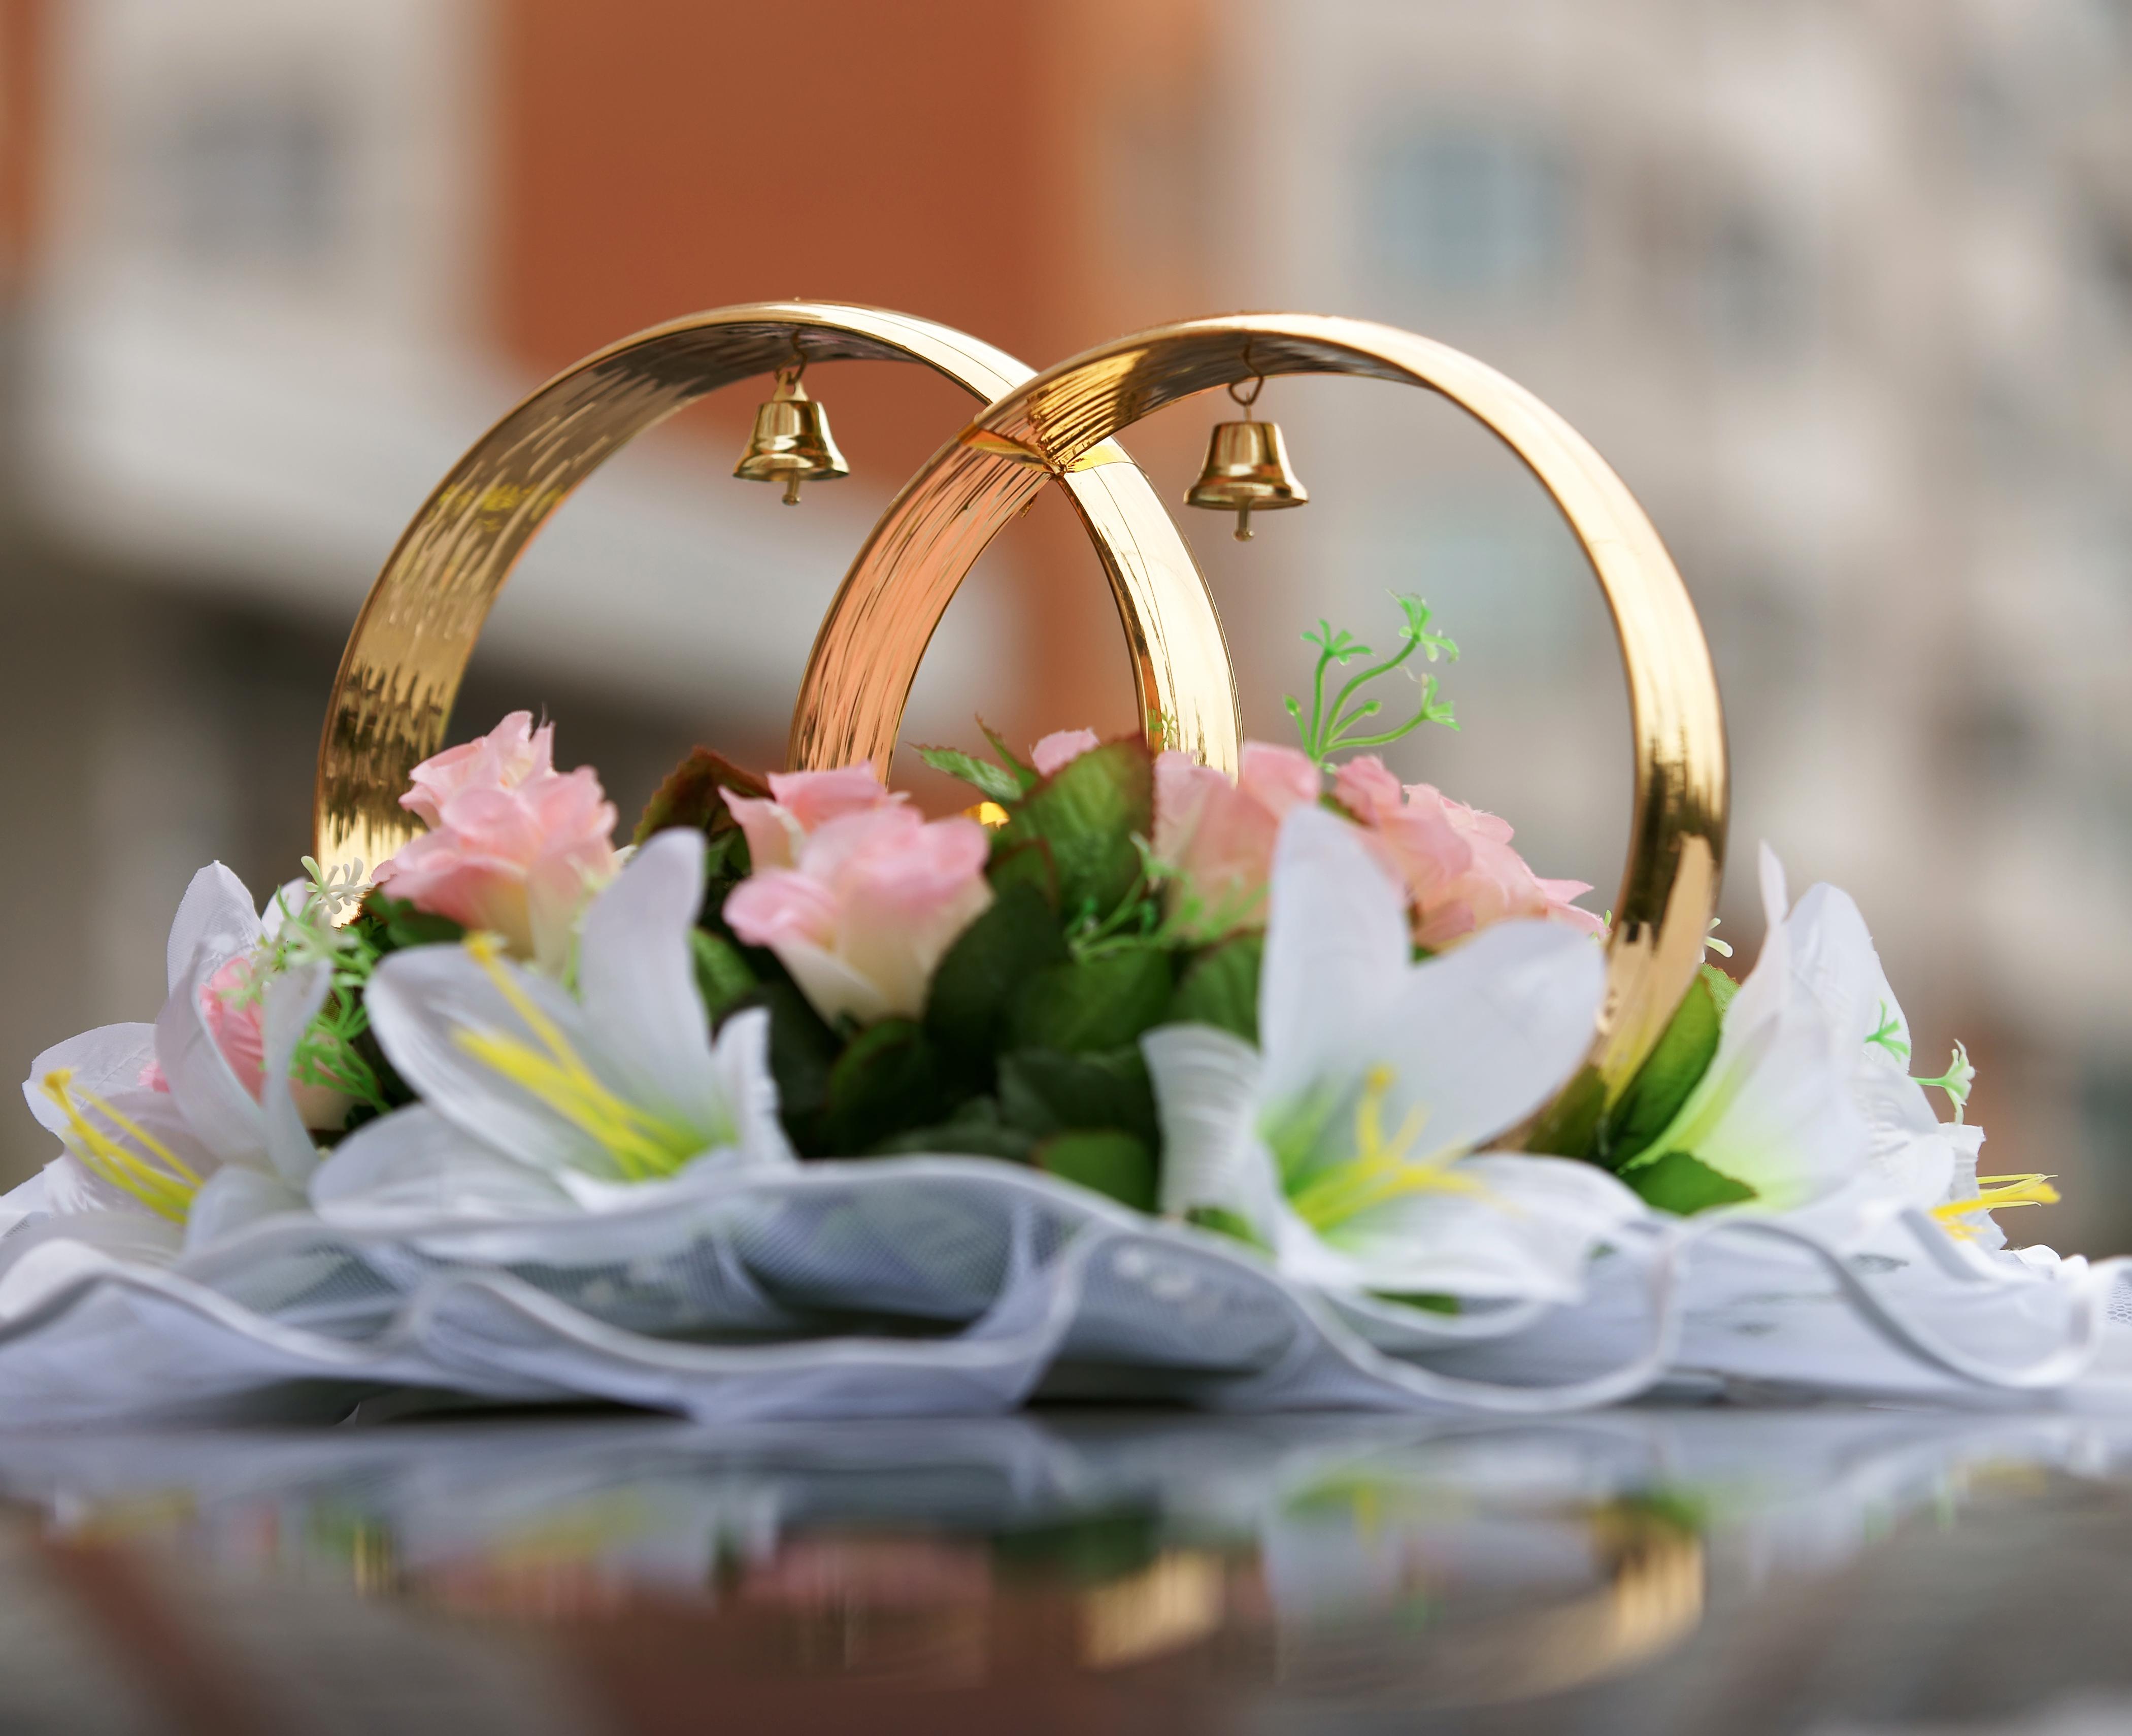 Красивое поздравление молодым на свадьбу